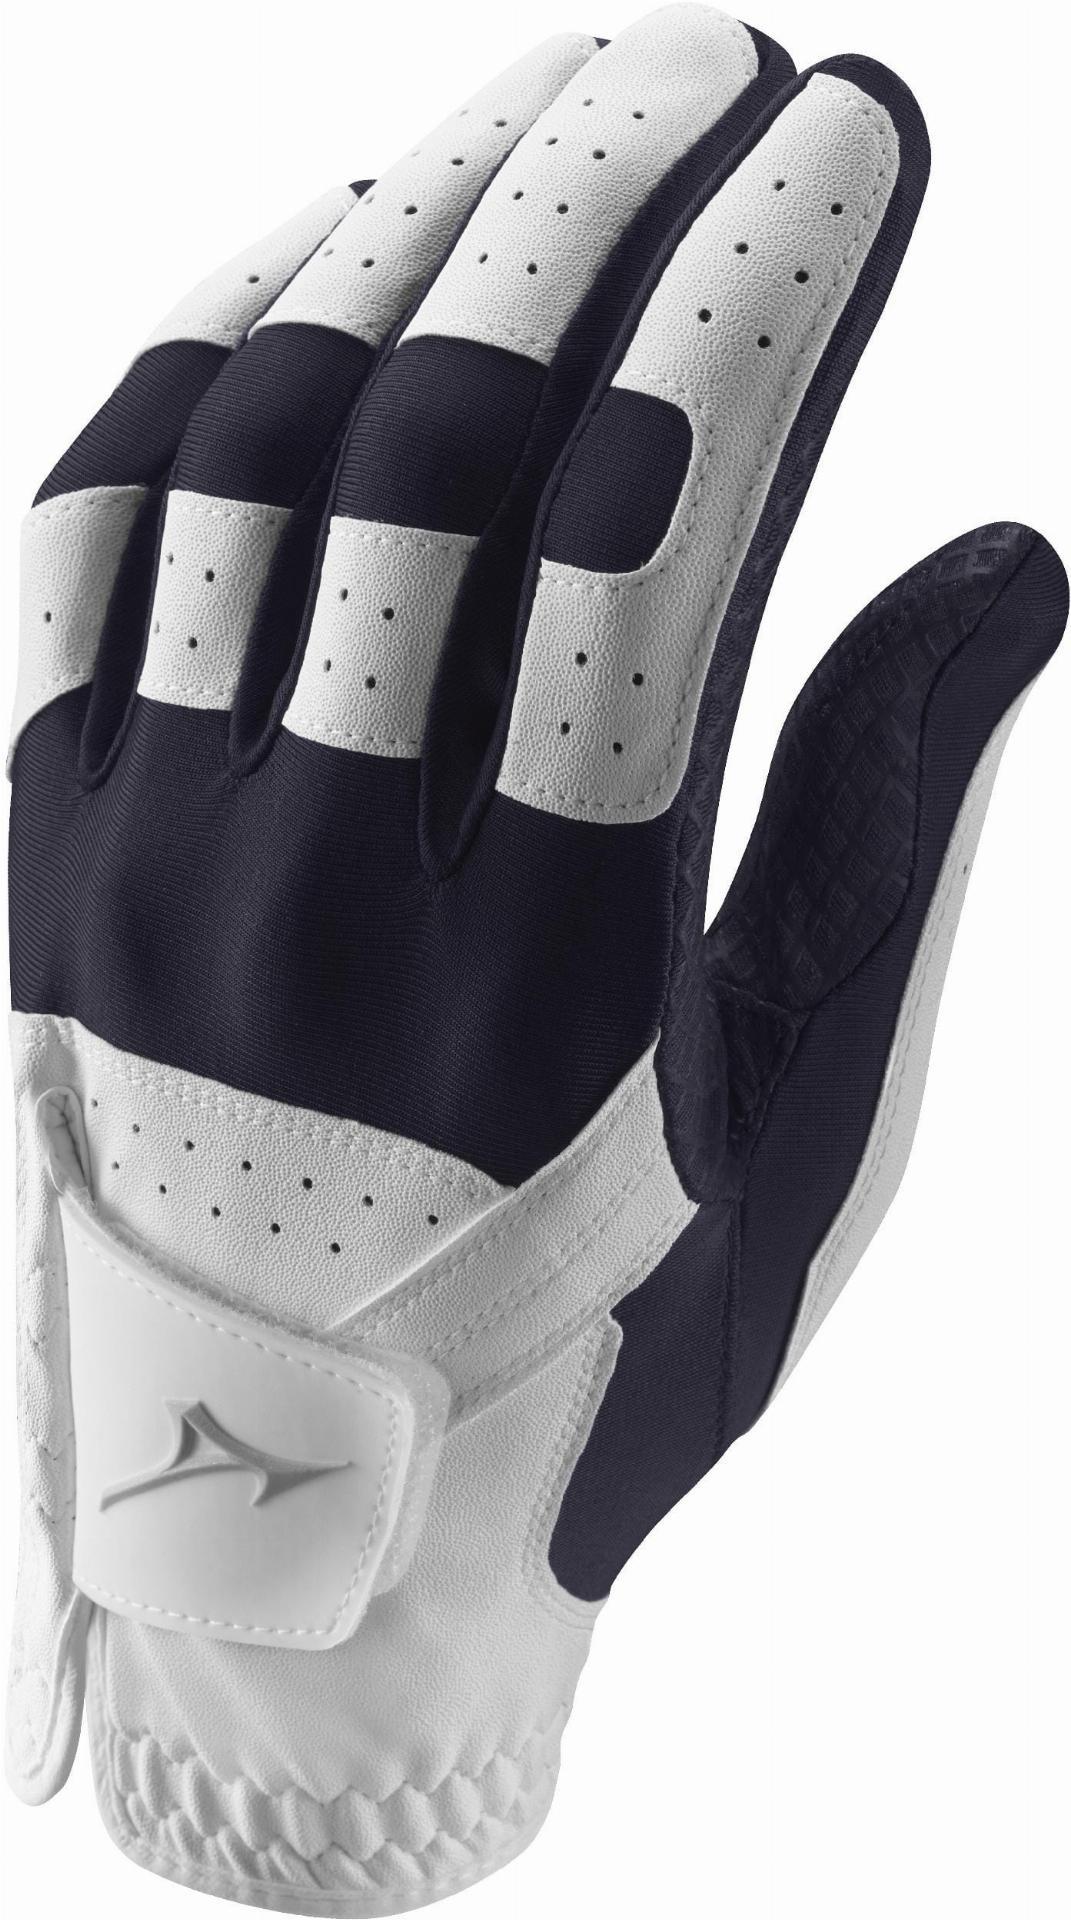 Stretch Handschuh, weiß/navy